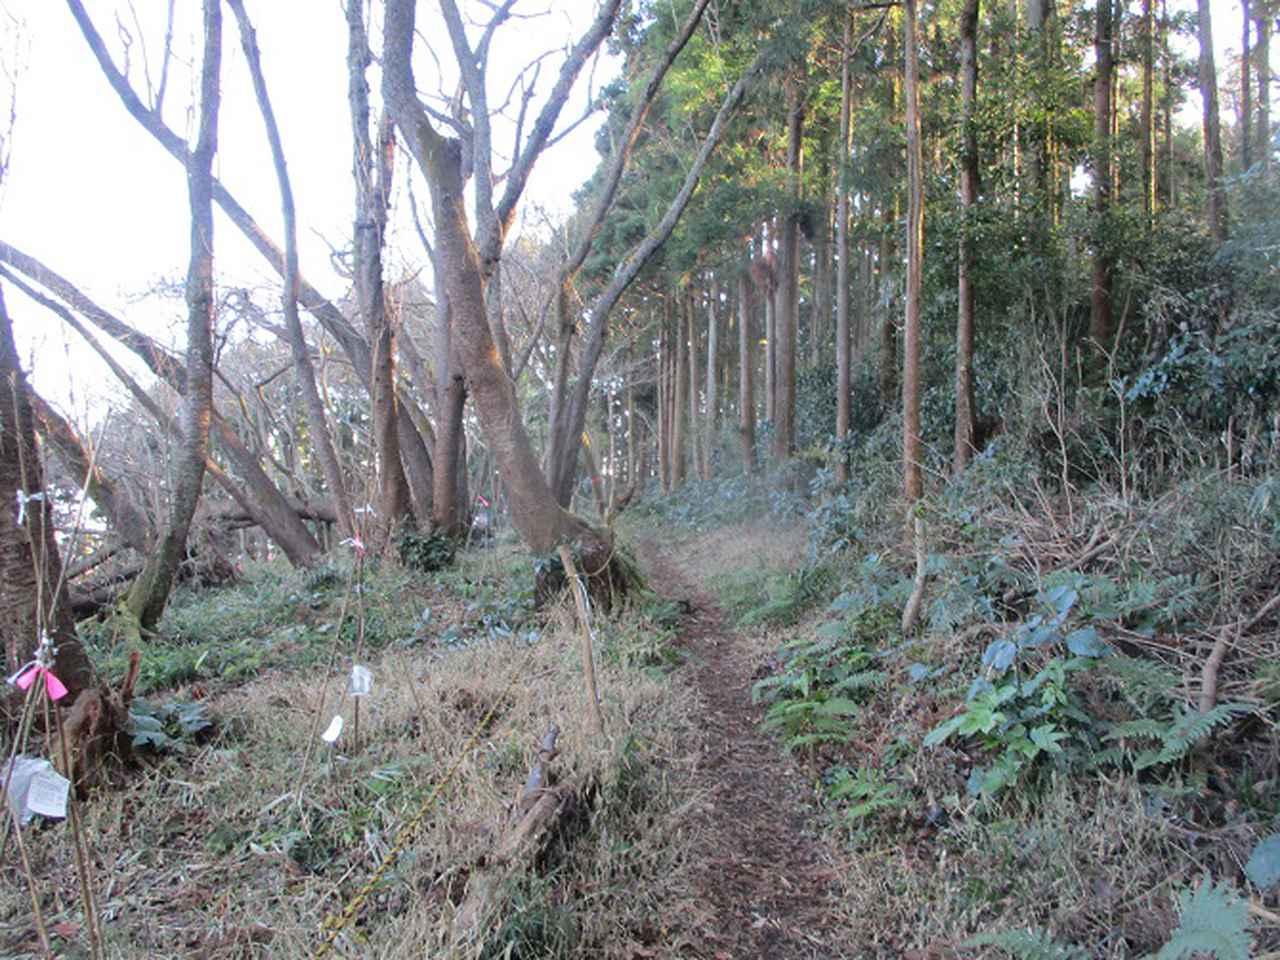 画像5: 1月の山旅会現地集合ツアー 「阿部倉山から二子山」 ツアーの下見に行ってきました!